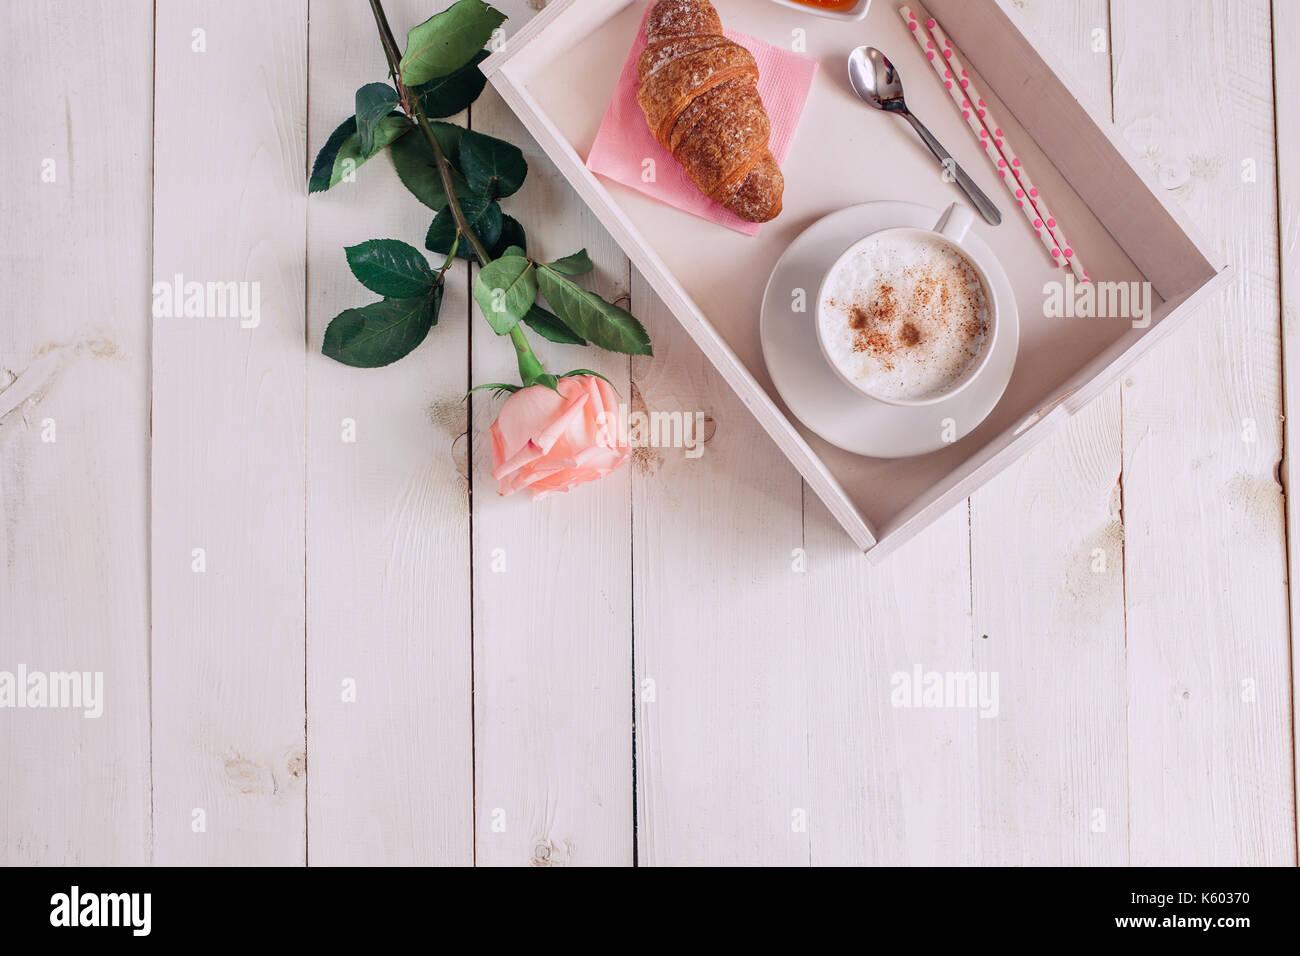 Kaffeebecher Mit Croissant Rose Marmelade Und Noten Guten